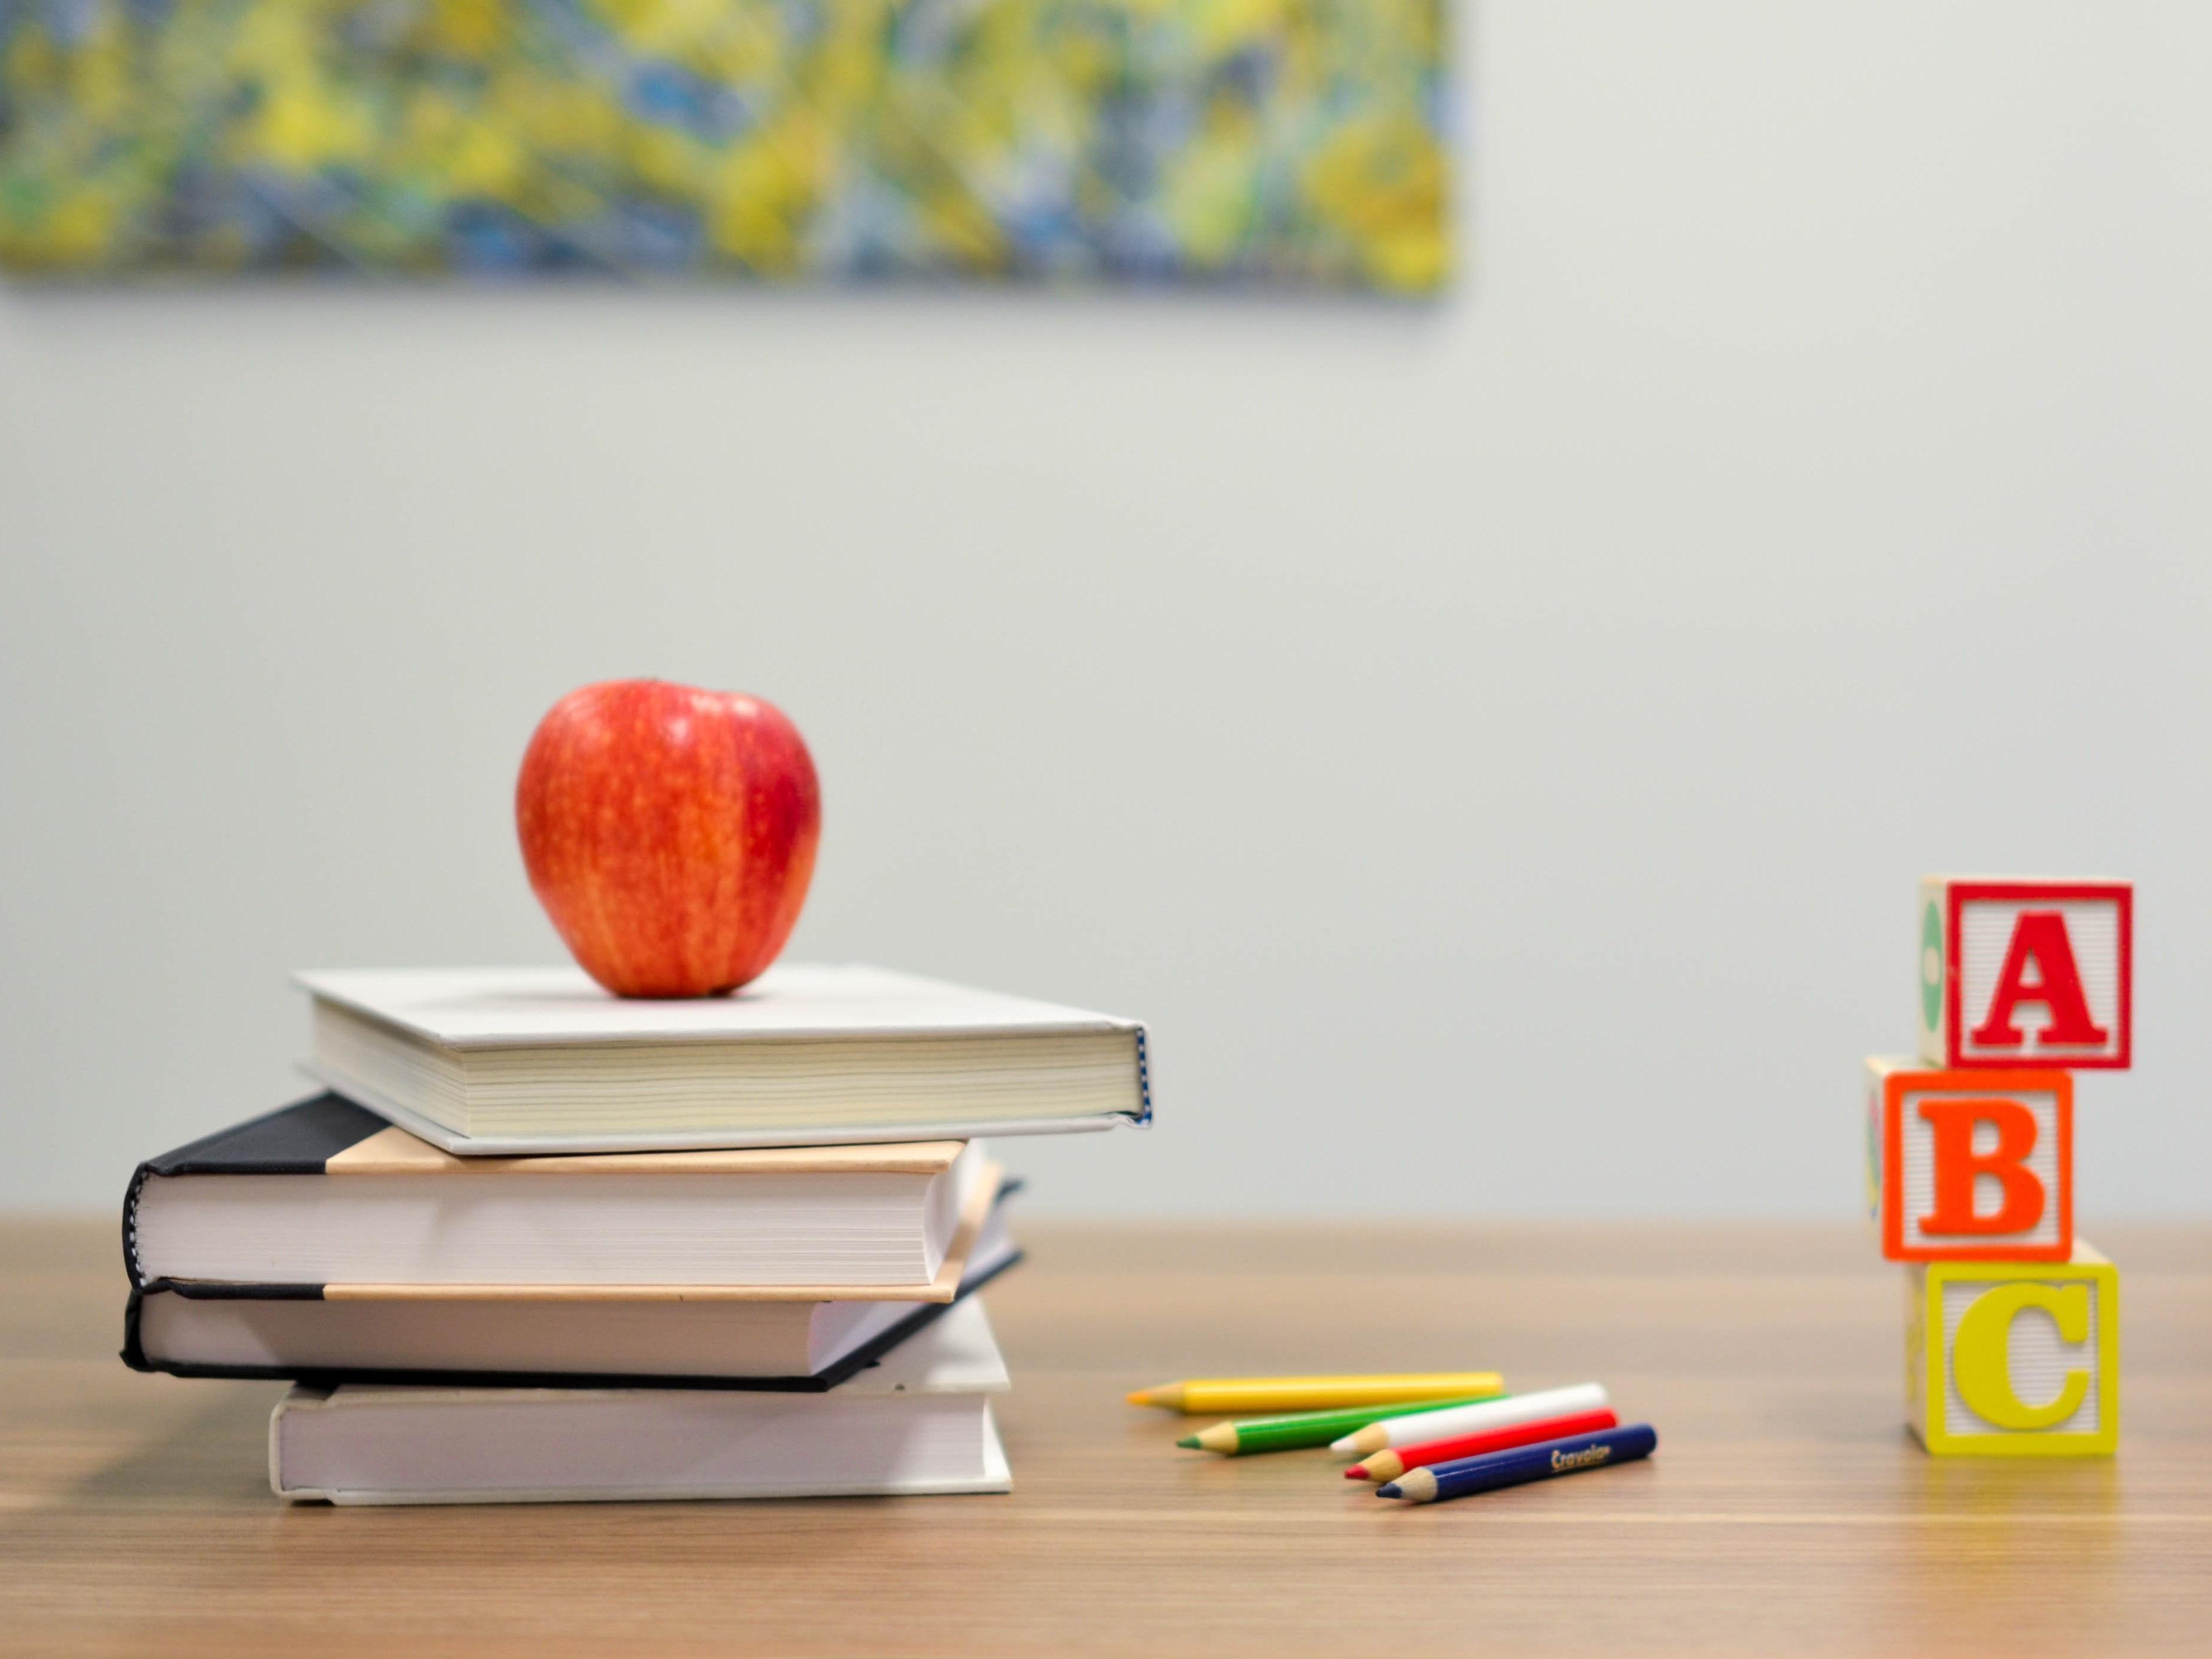 Books for children. Image credit: Element5 Digital/Unsplash